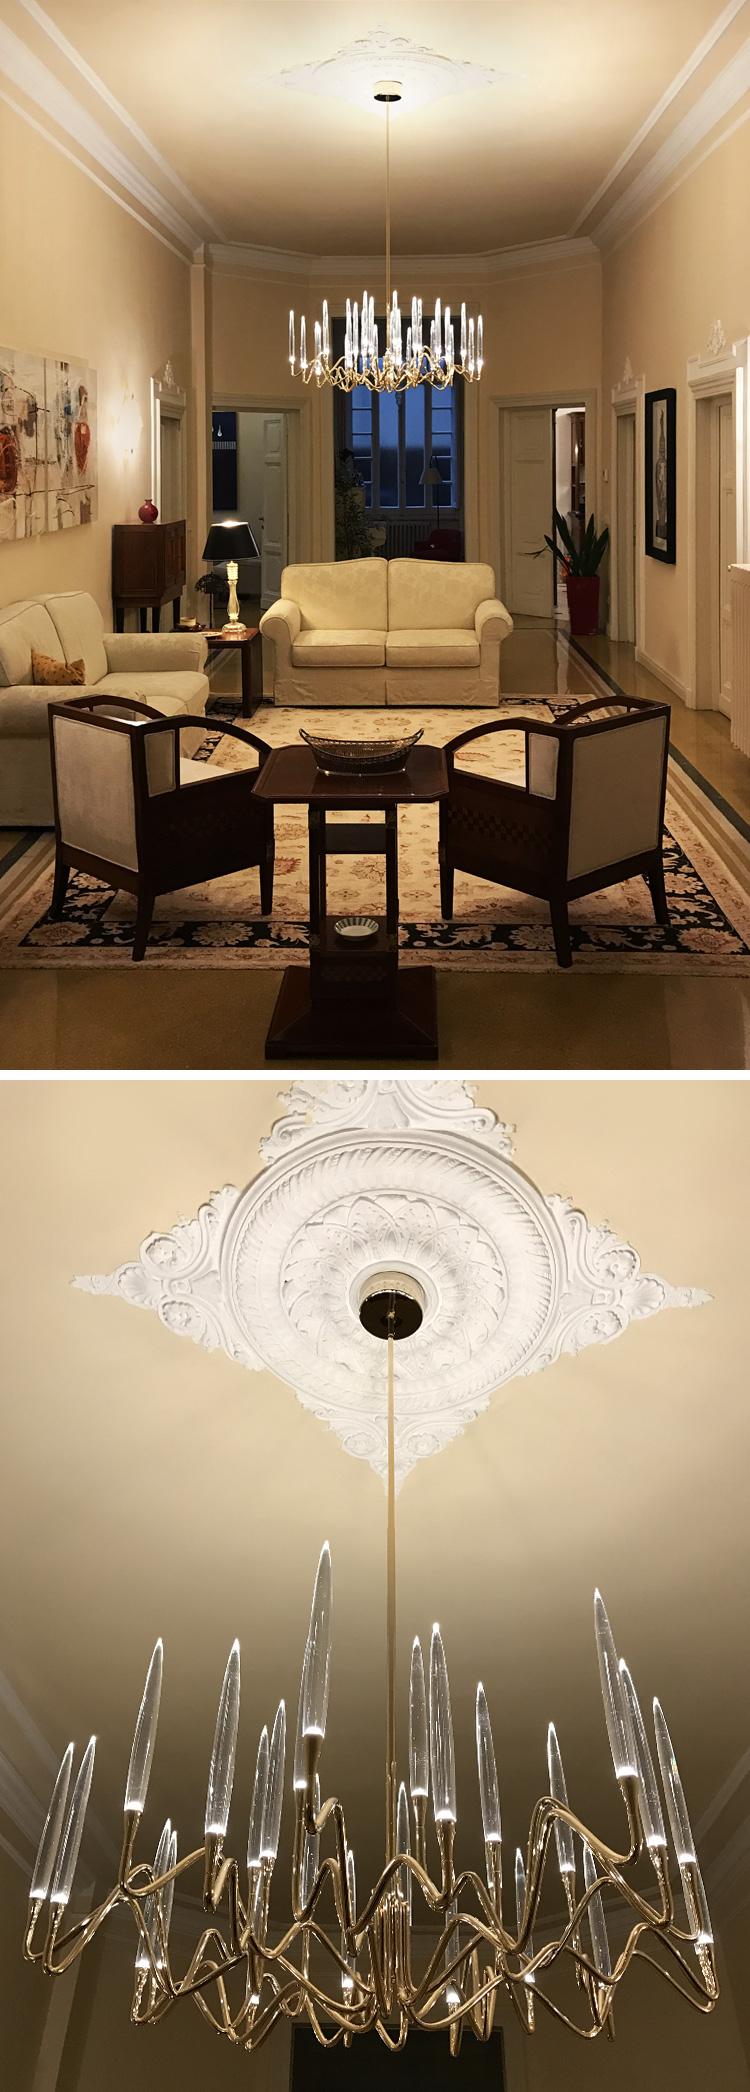 Il Pezzo 3 Round Chandelier in a private villa in Florence